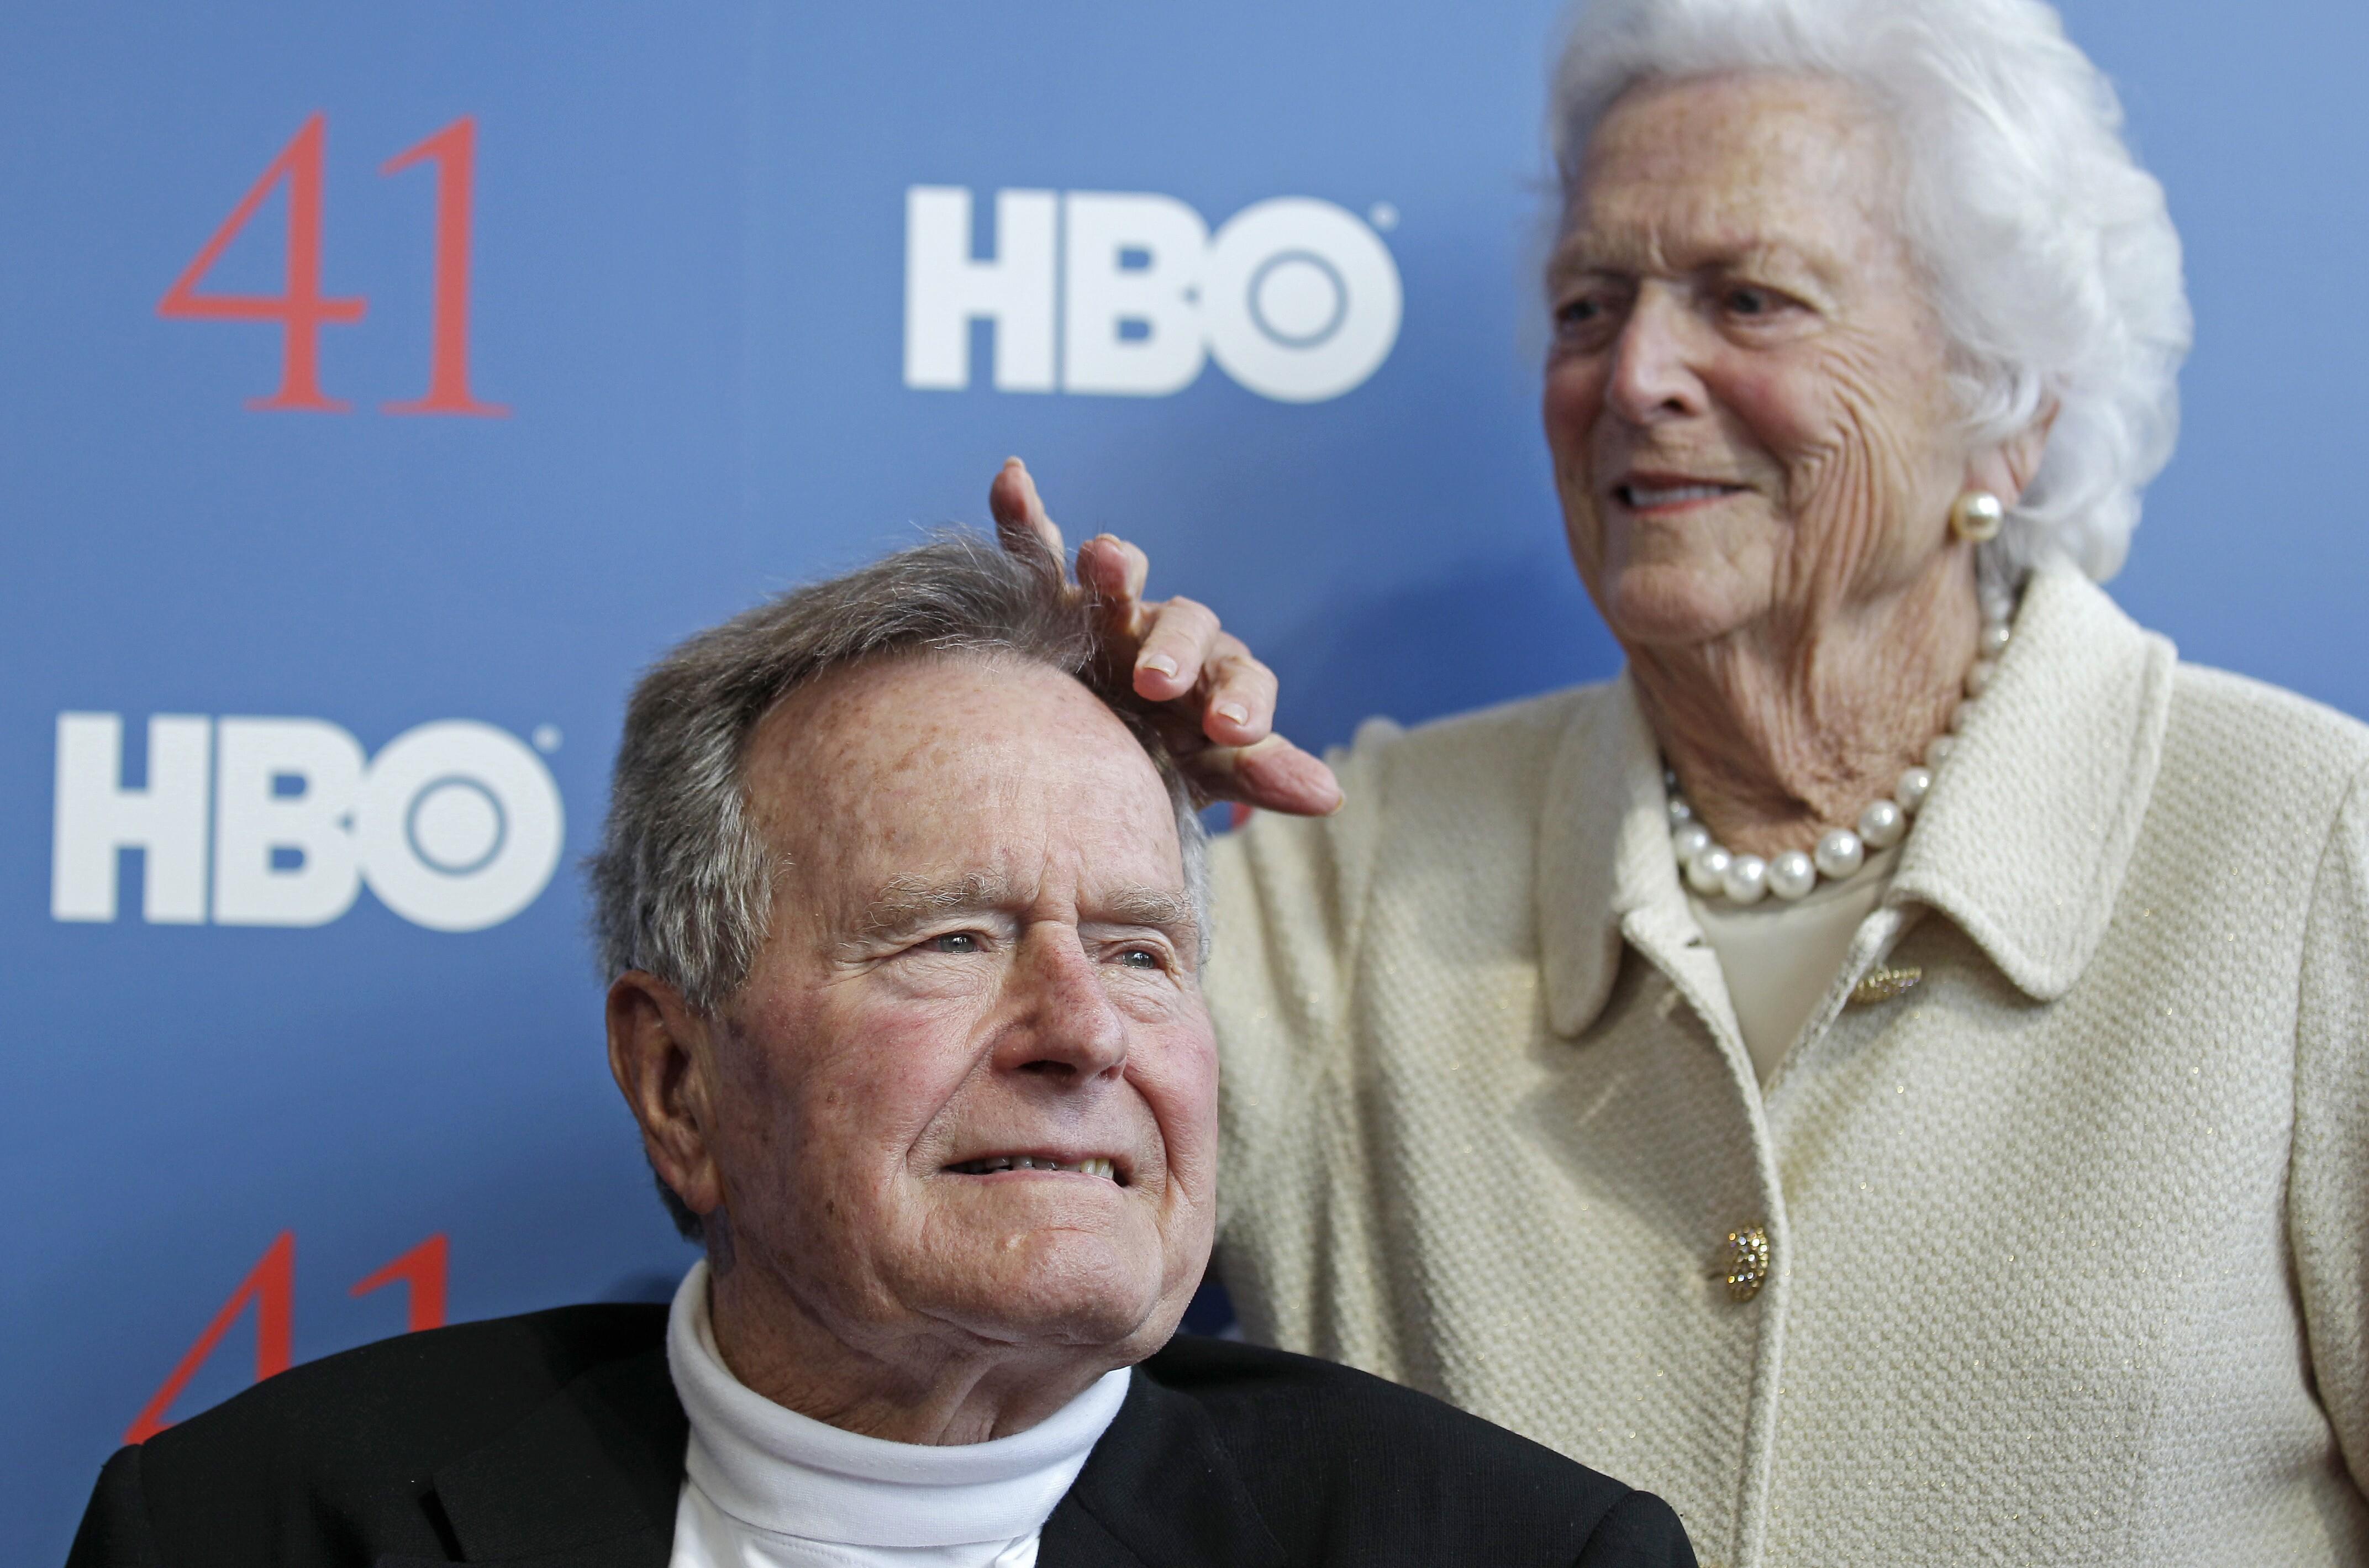 乔治H.W.布什,芭芭拉布什2012年6月